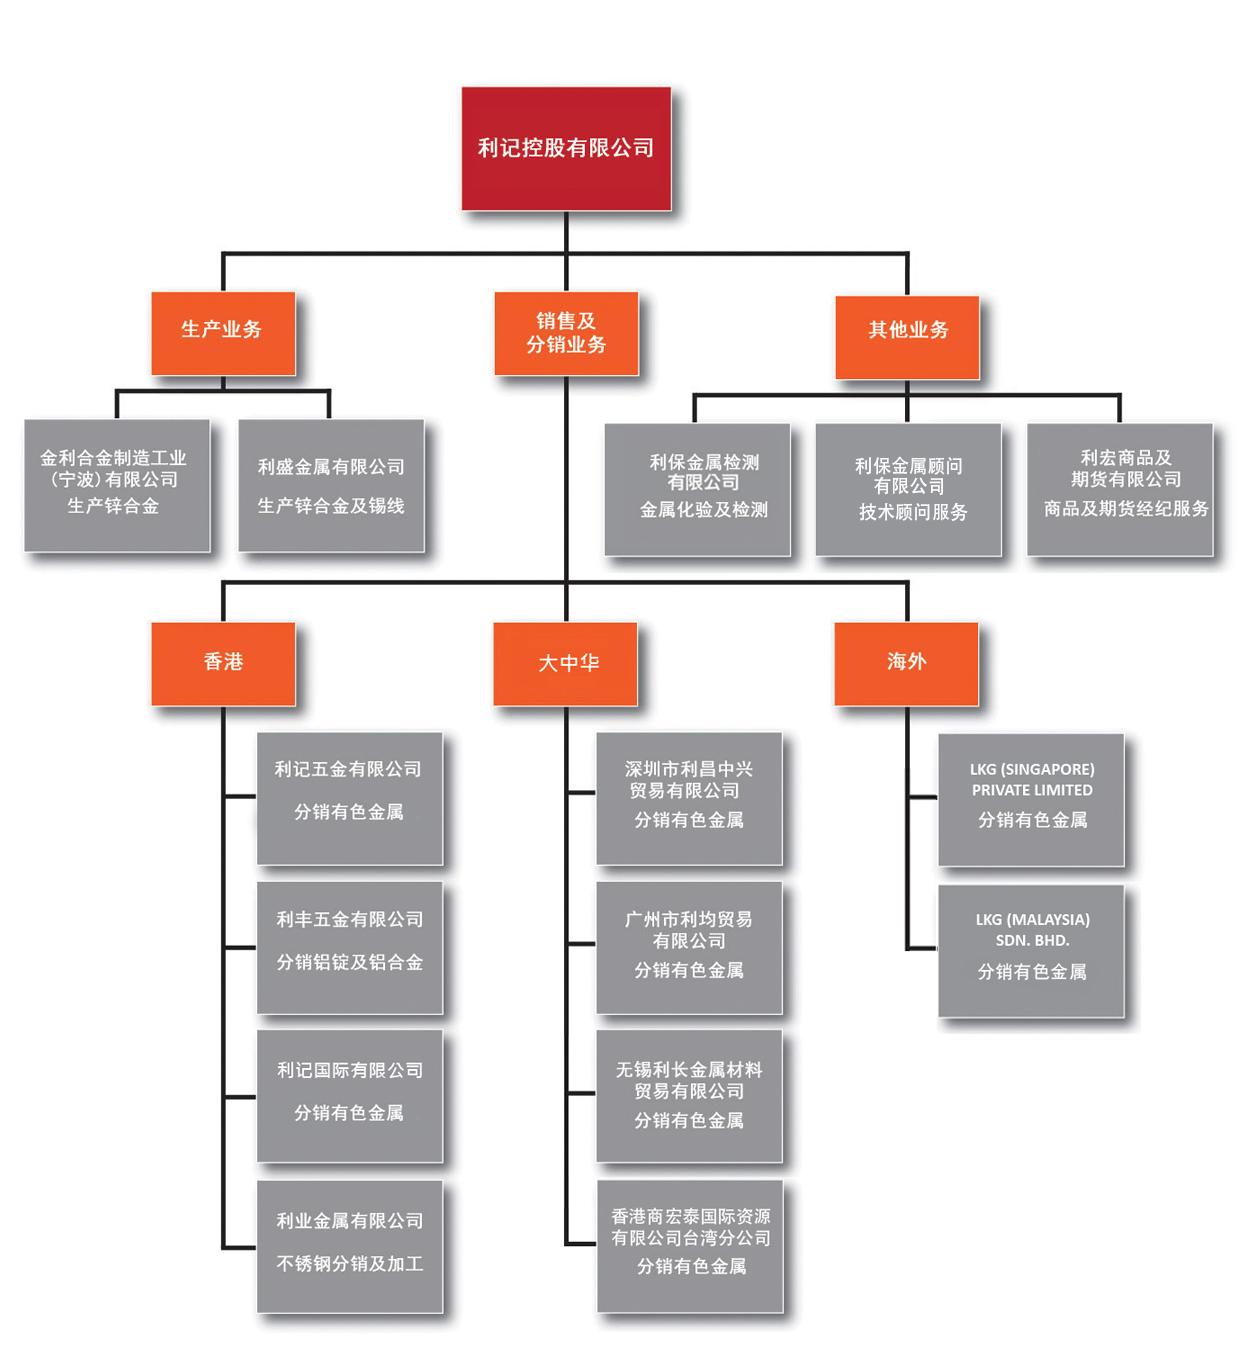 organisation structure sim_190502